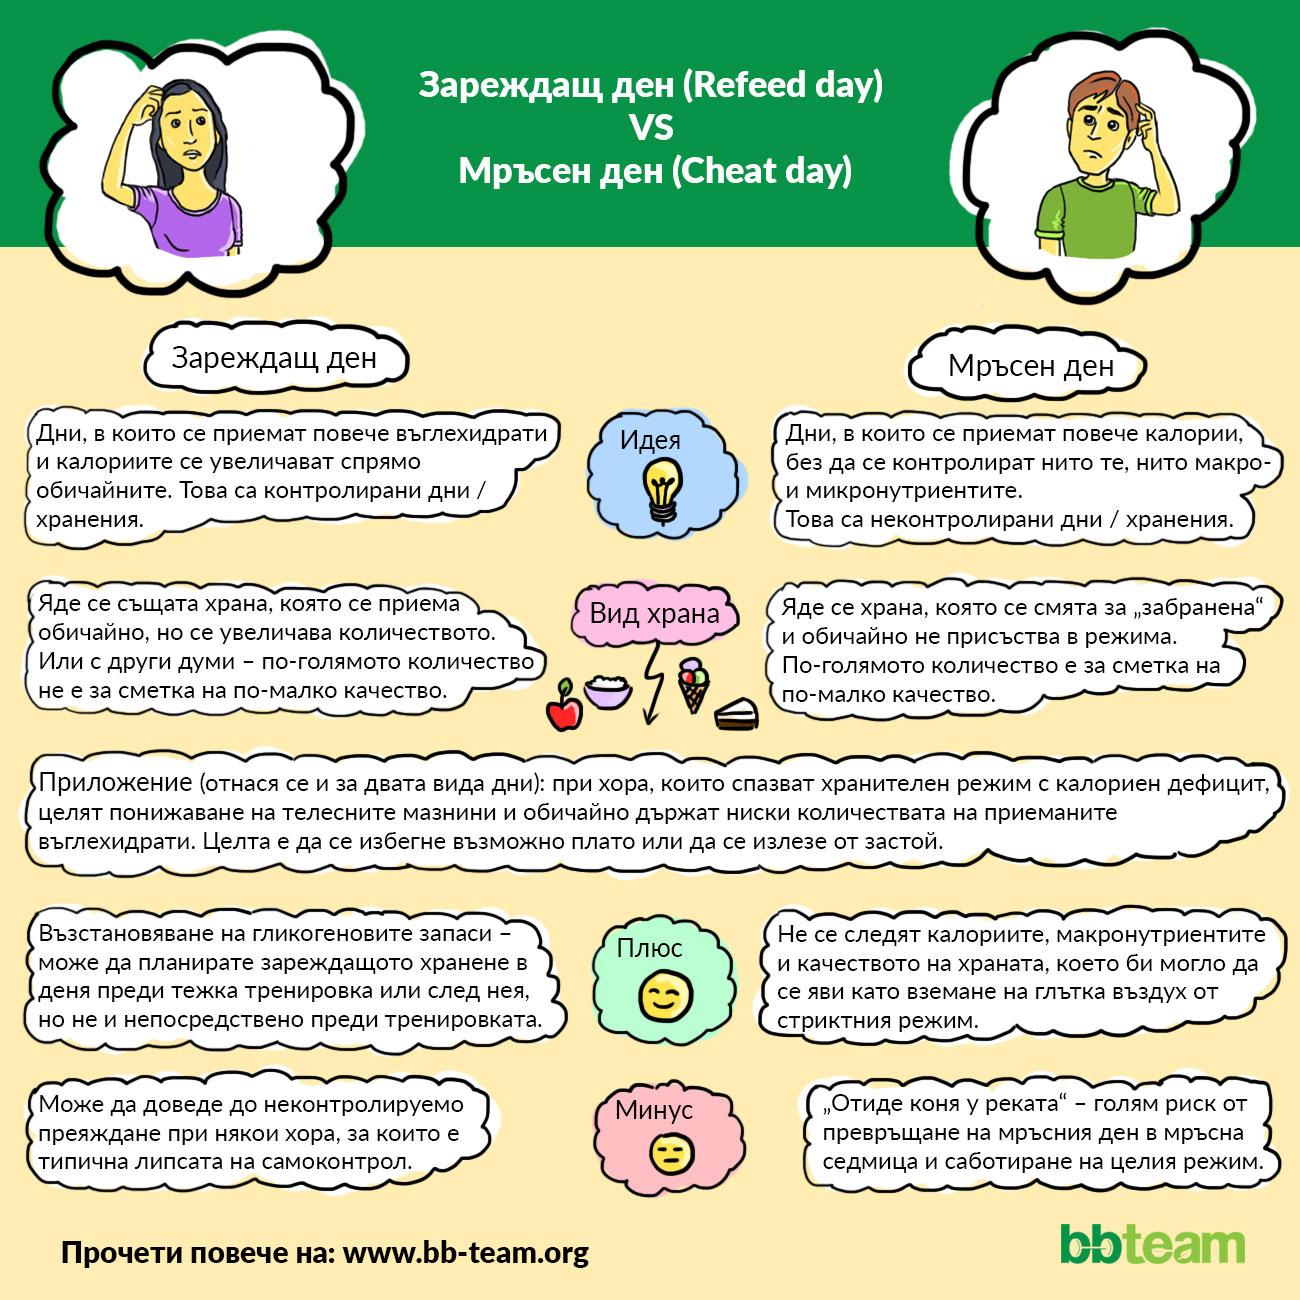 Зареждащ ден vs мръсен ден [инфографика]